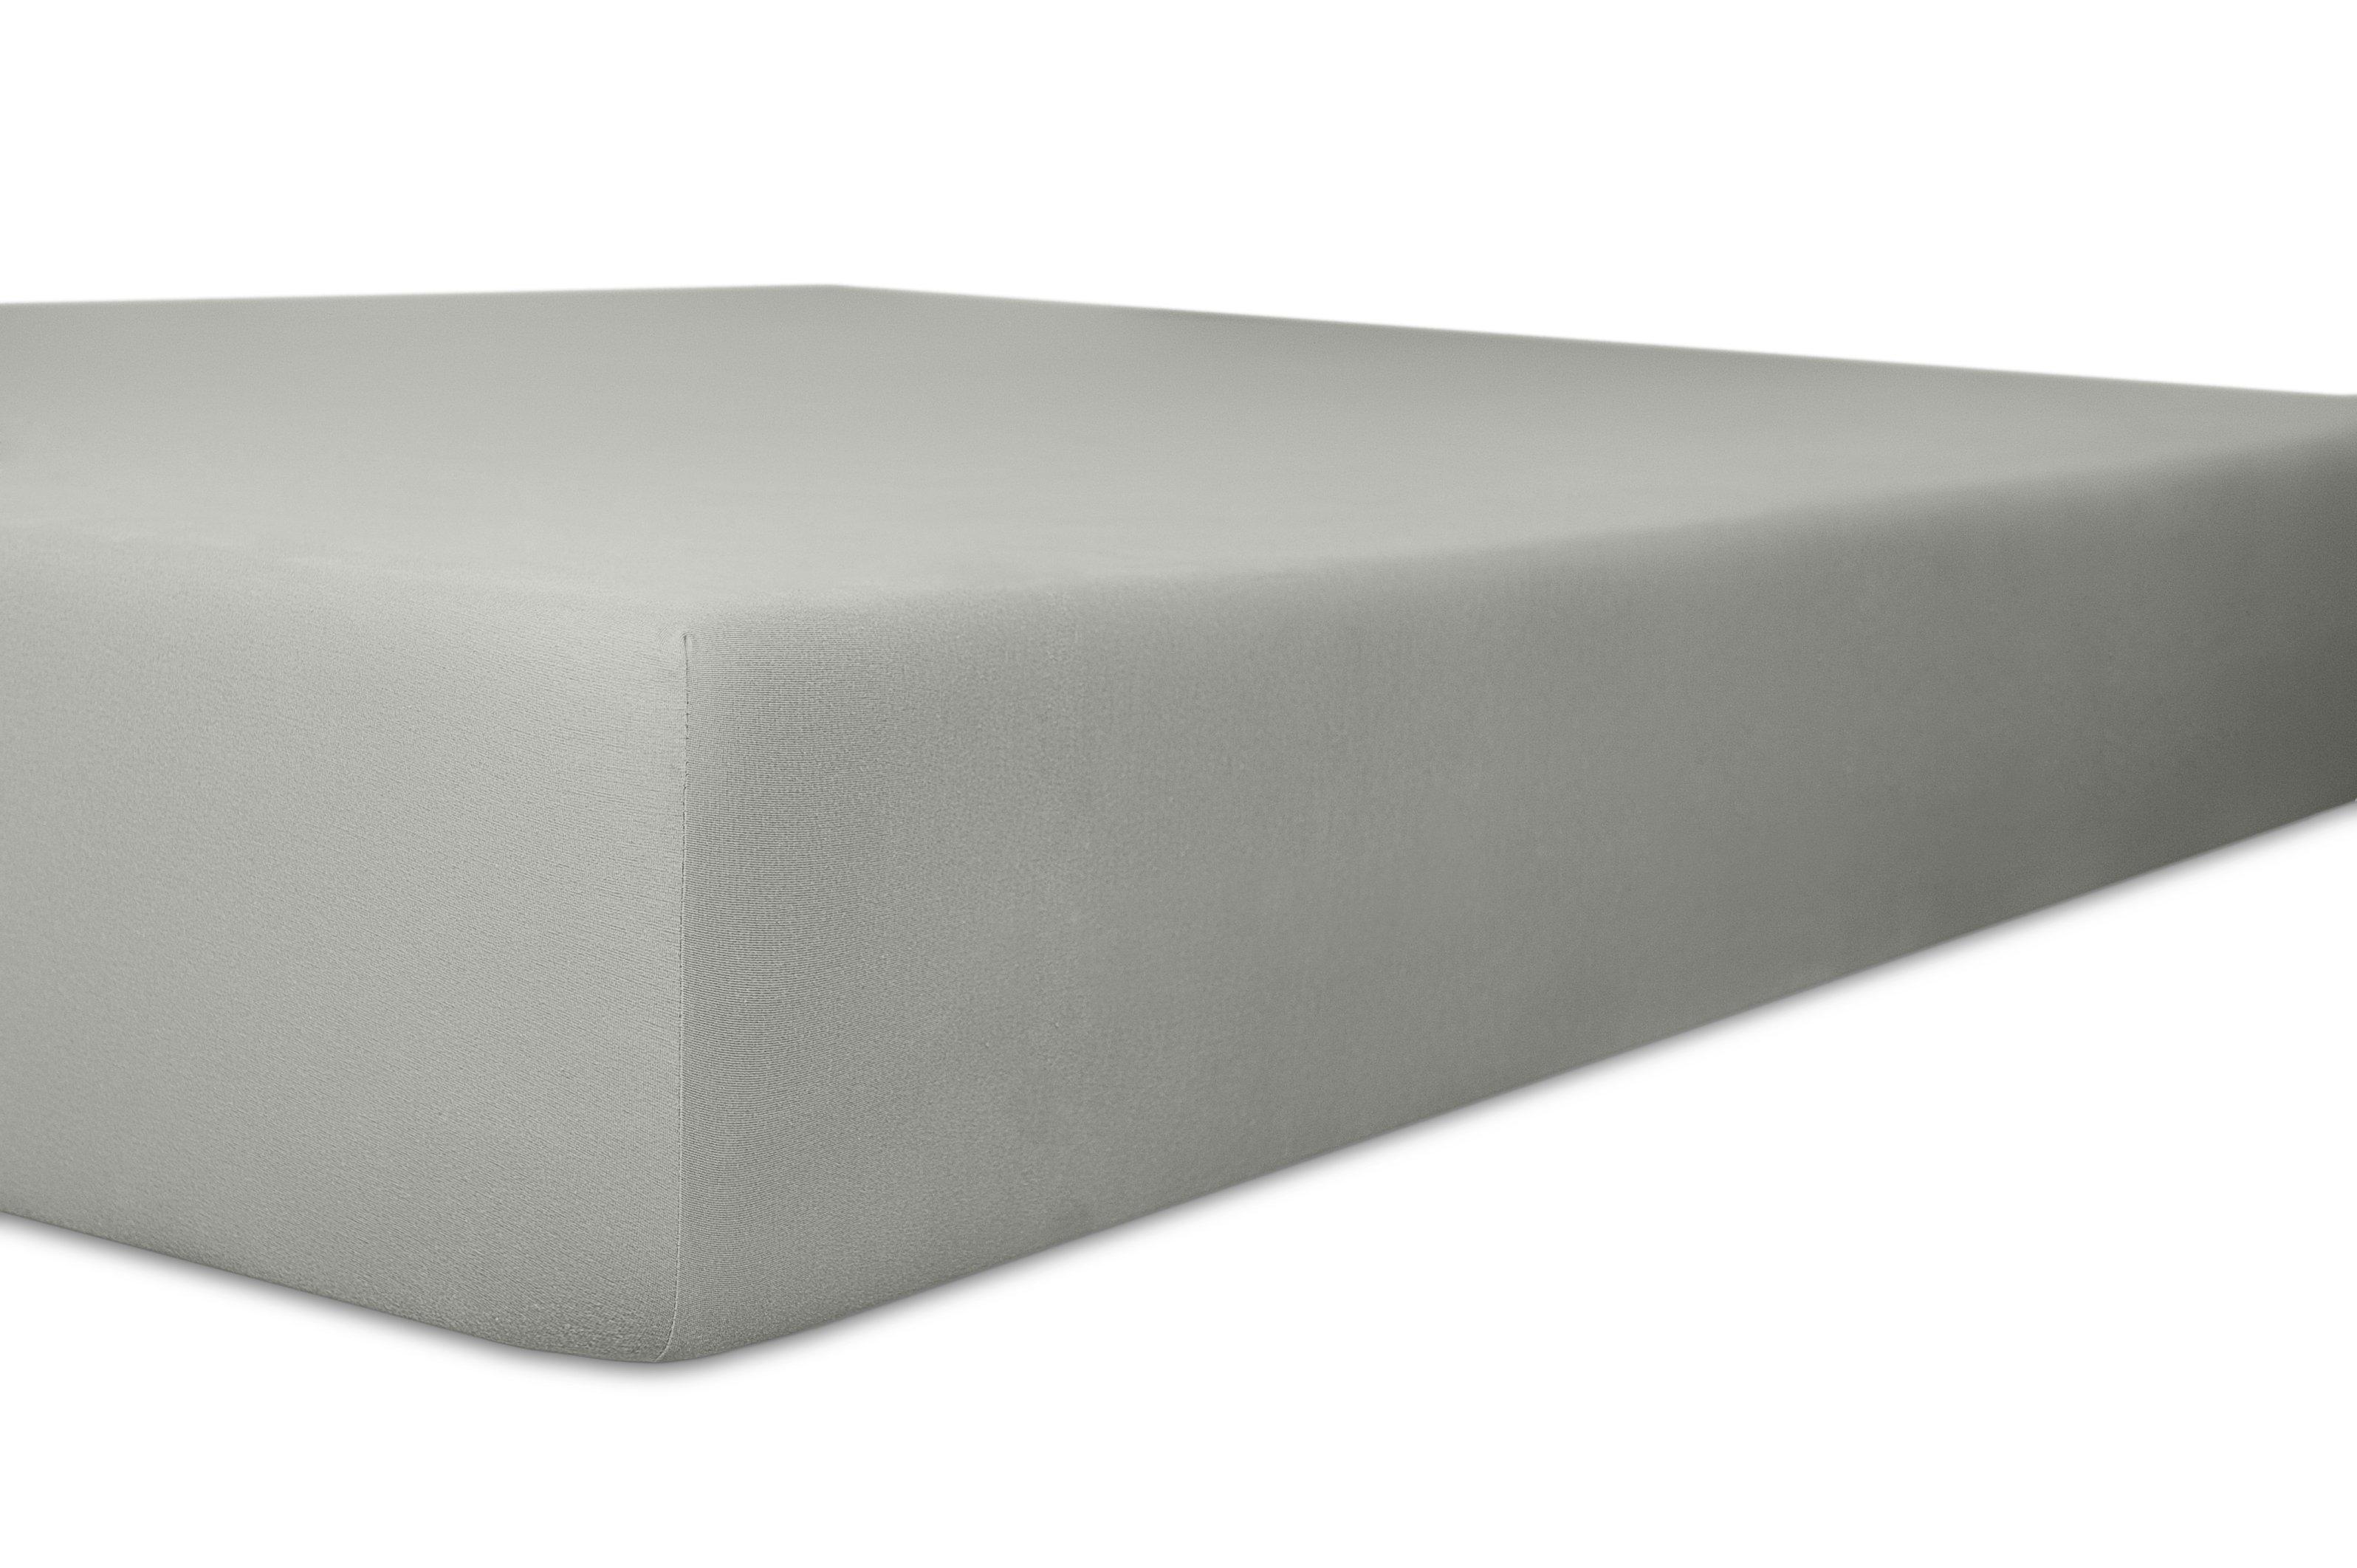 Spannbetttuch Standard schiefer 50% Baumwolle / 45% Modal / 5% Elasthan